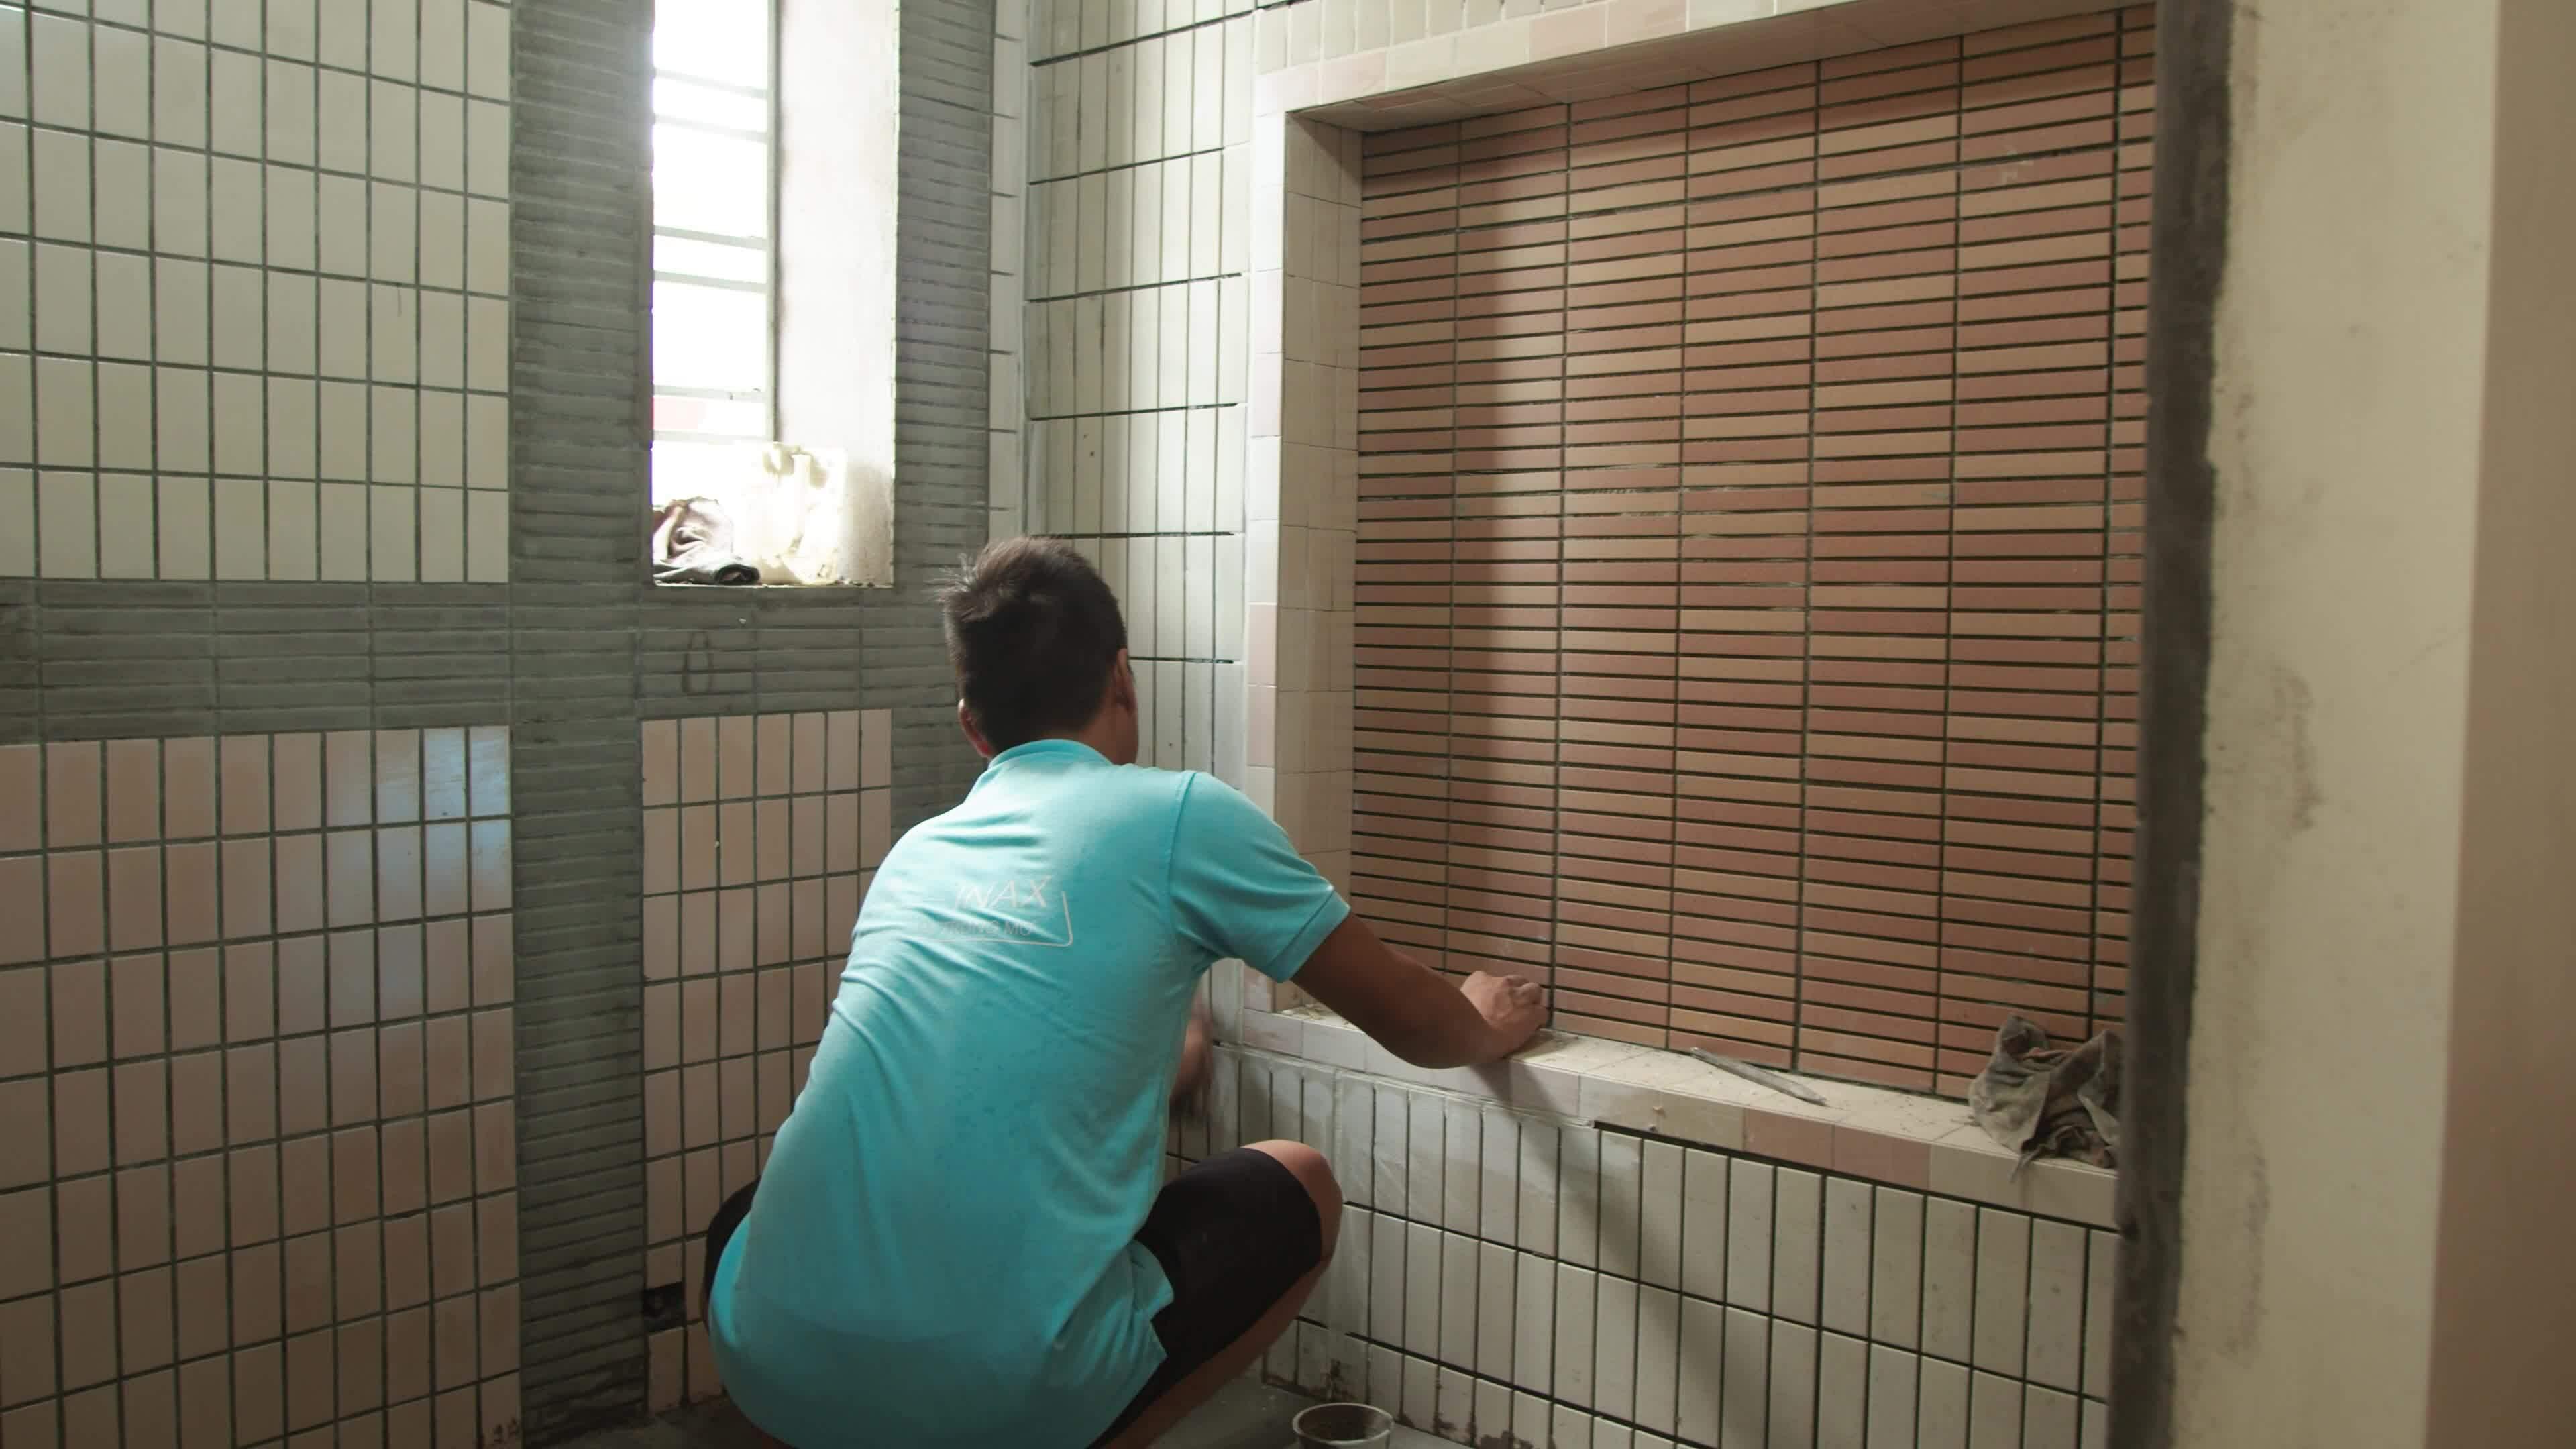 Còn 8 ngày giành cơ hội nhận suất cải tạo phòng tắm miễn phí